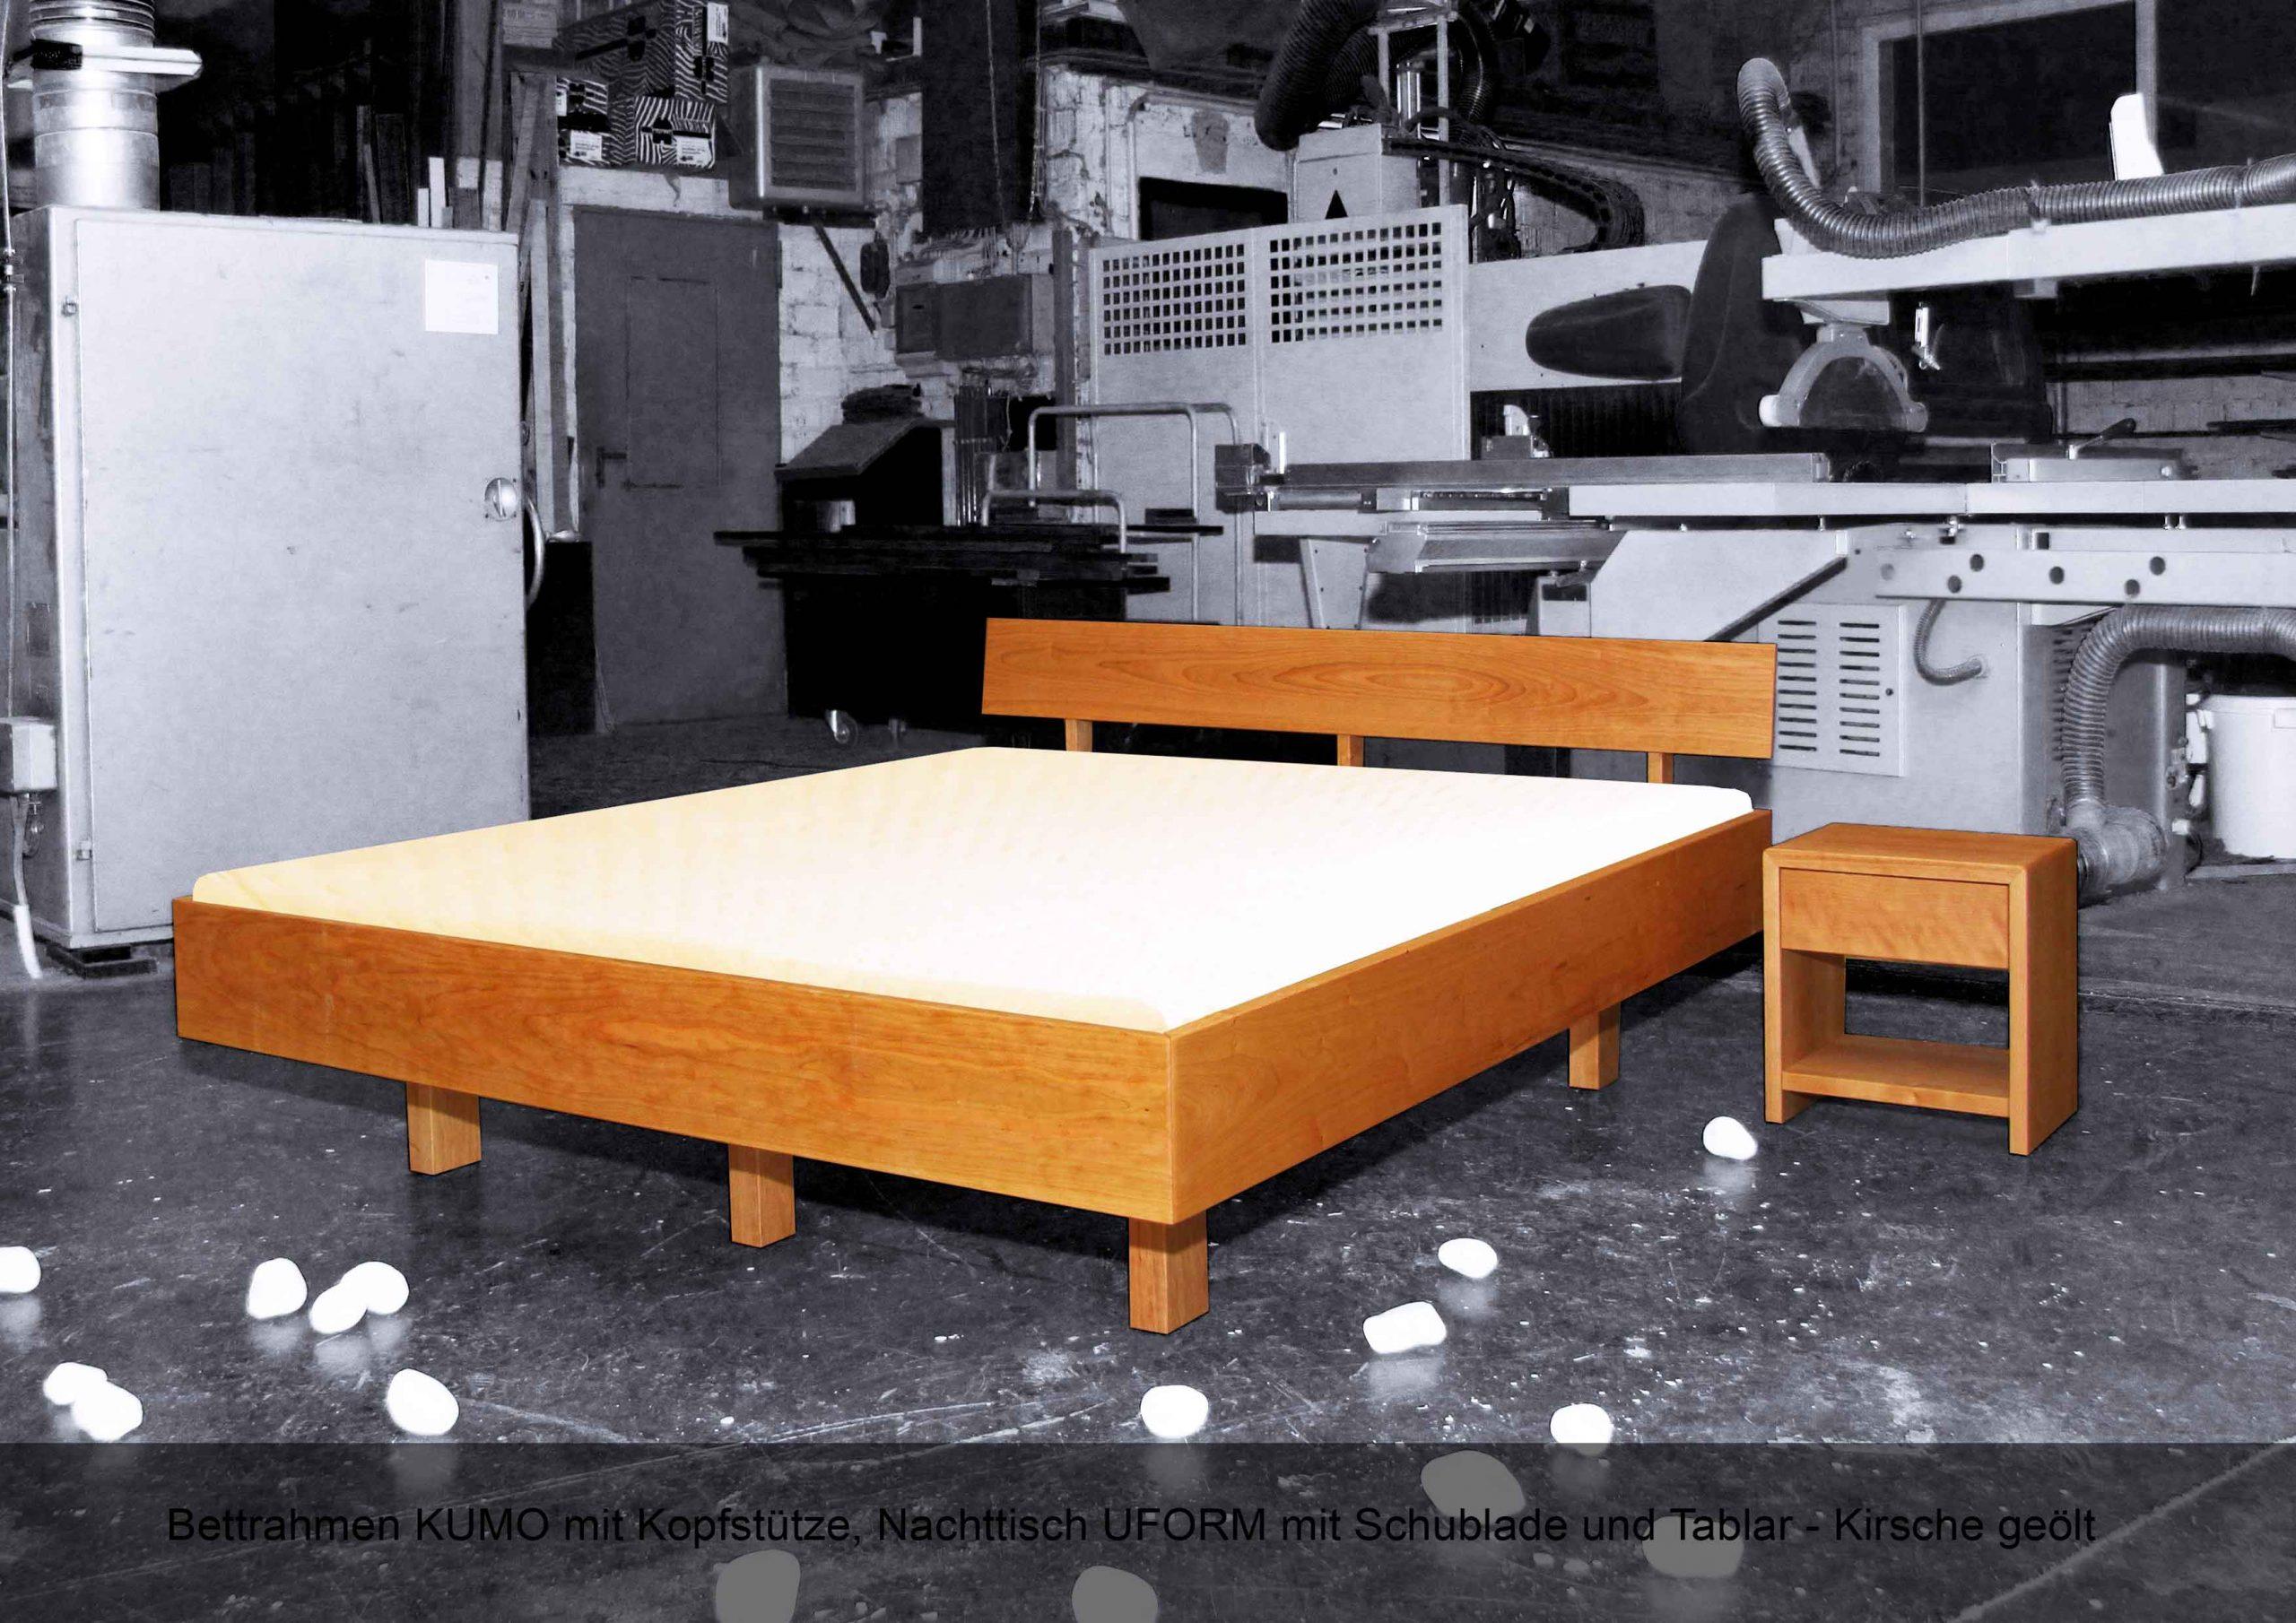 Schwebebettrahmen Massivholz Kopfstütze Nachttisch U-Form Schulblade Tablar KUMO Kirschbaum geölt